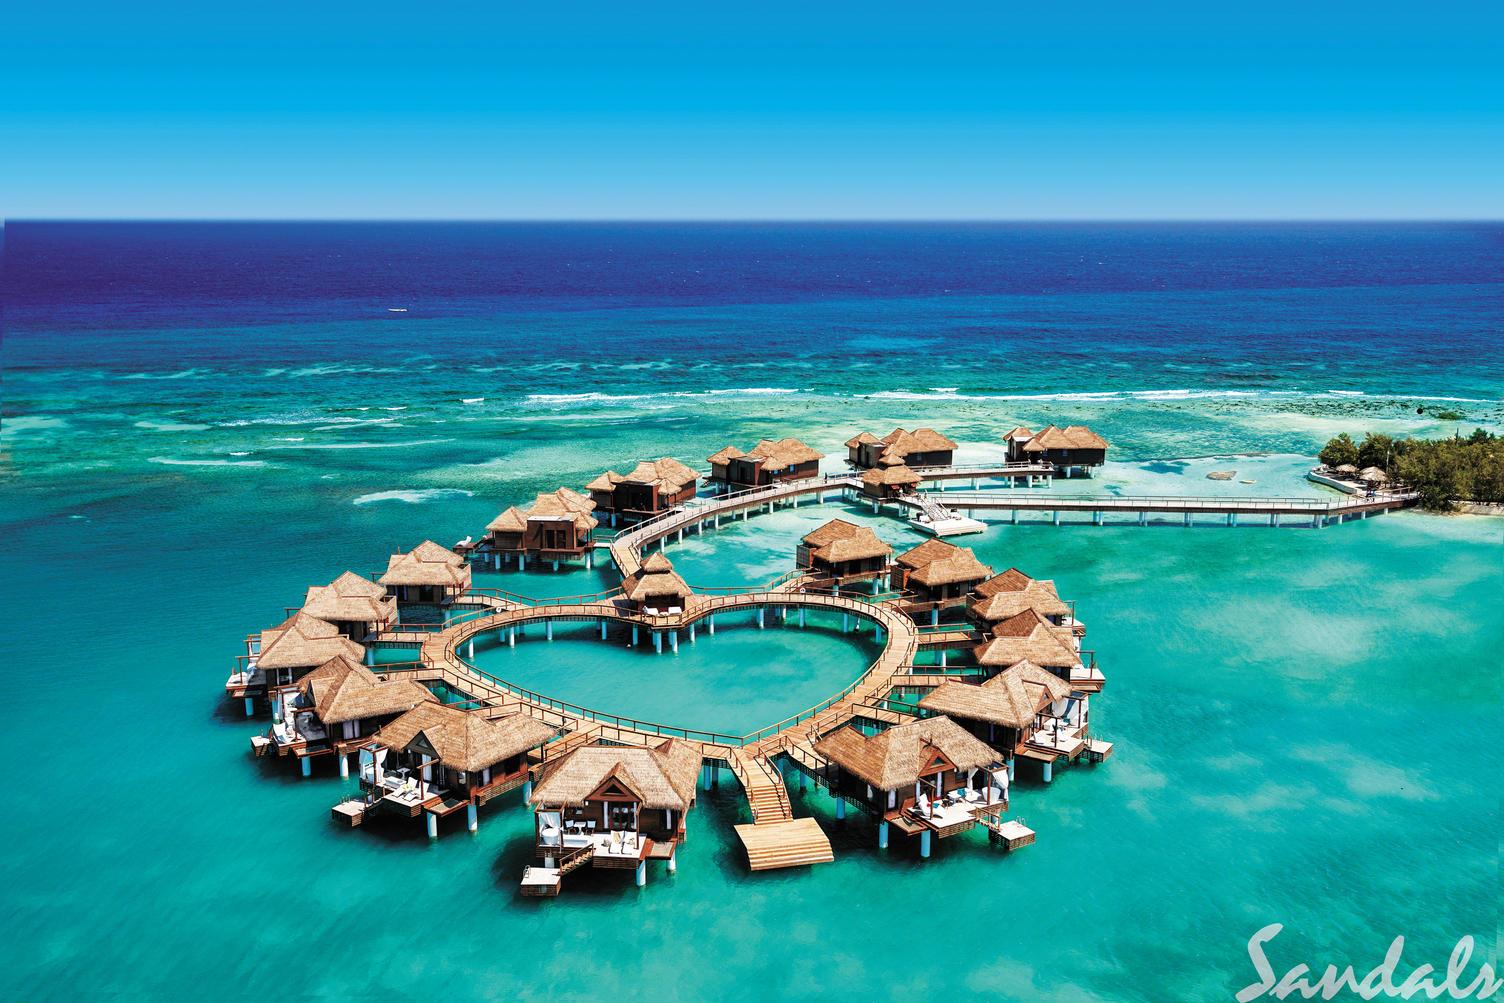 Sandals beach cabanas on the ocean